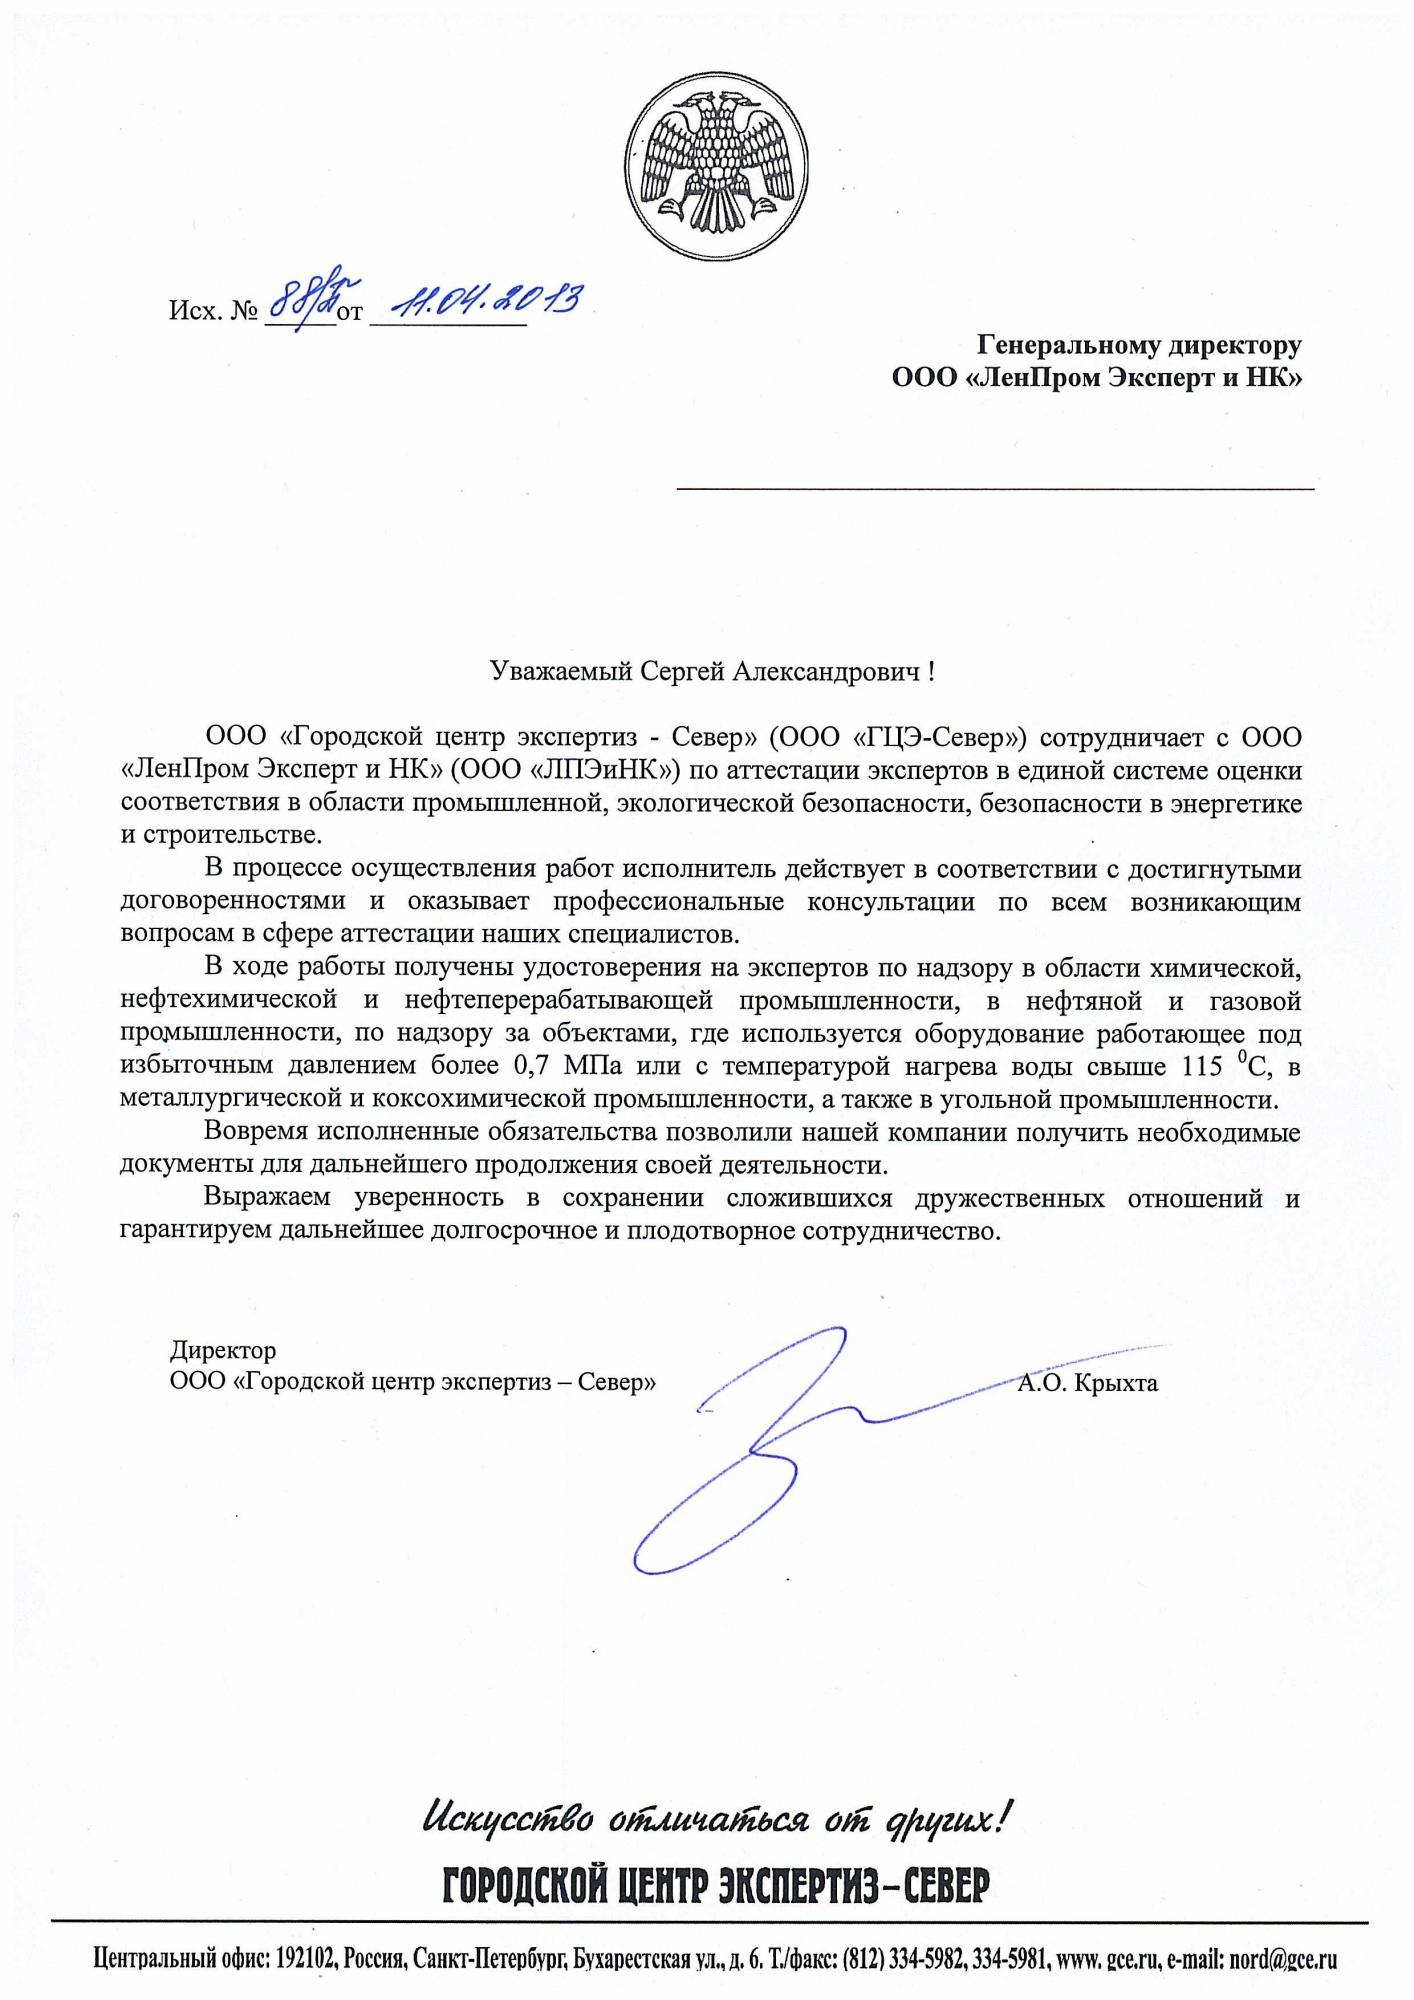 ГОРОДСКОЙ ЦЕНТР ЭКСПЕРТИЗ-СЕВЕР